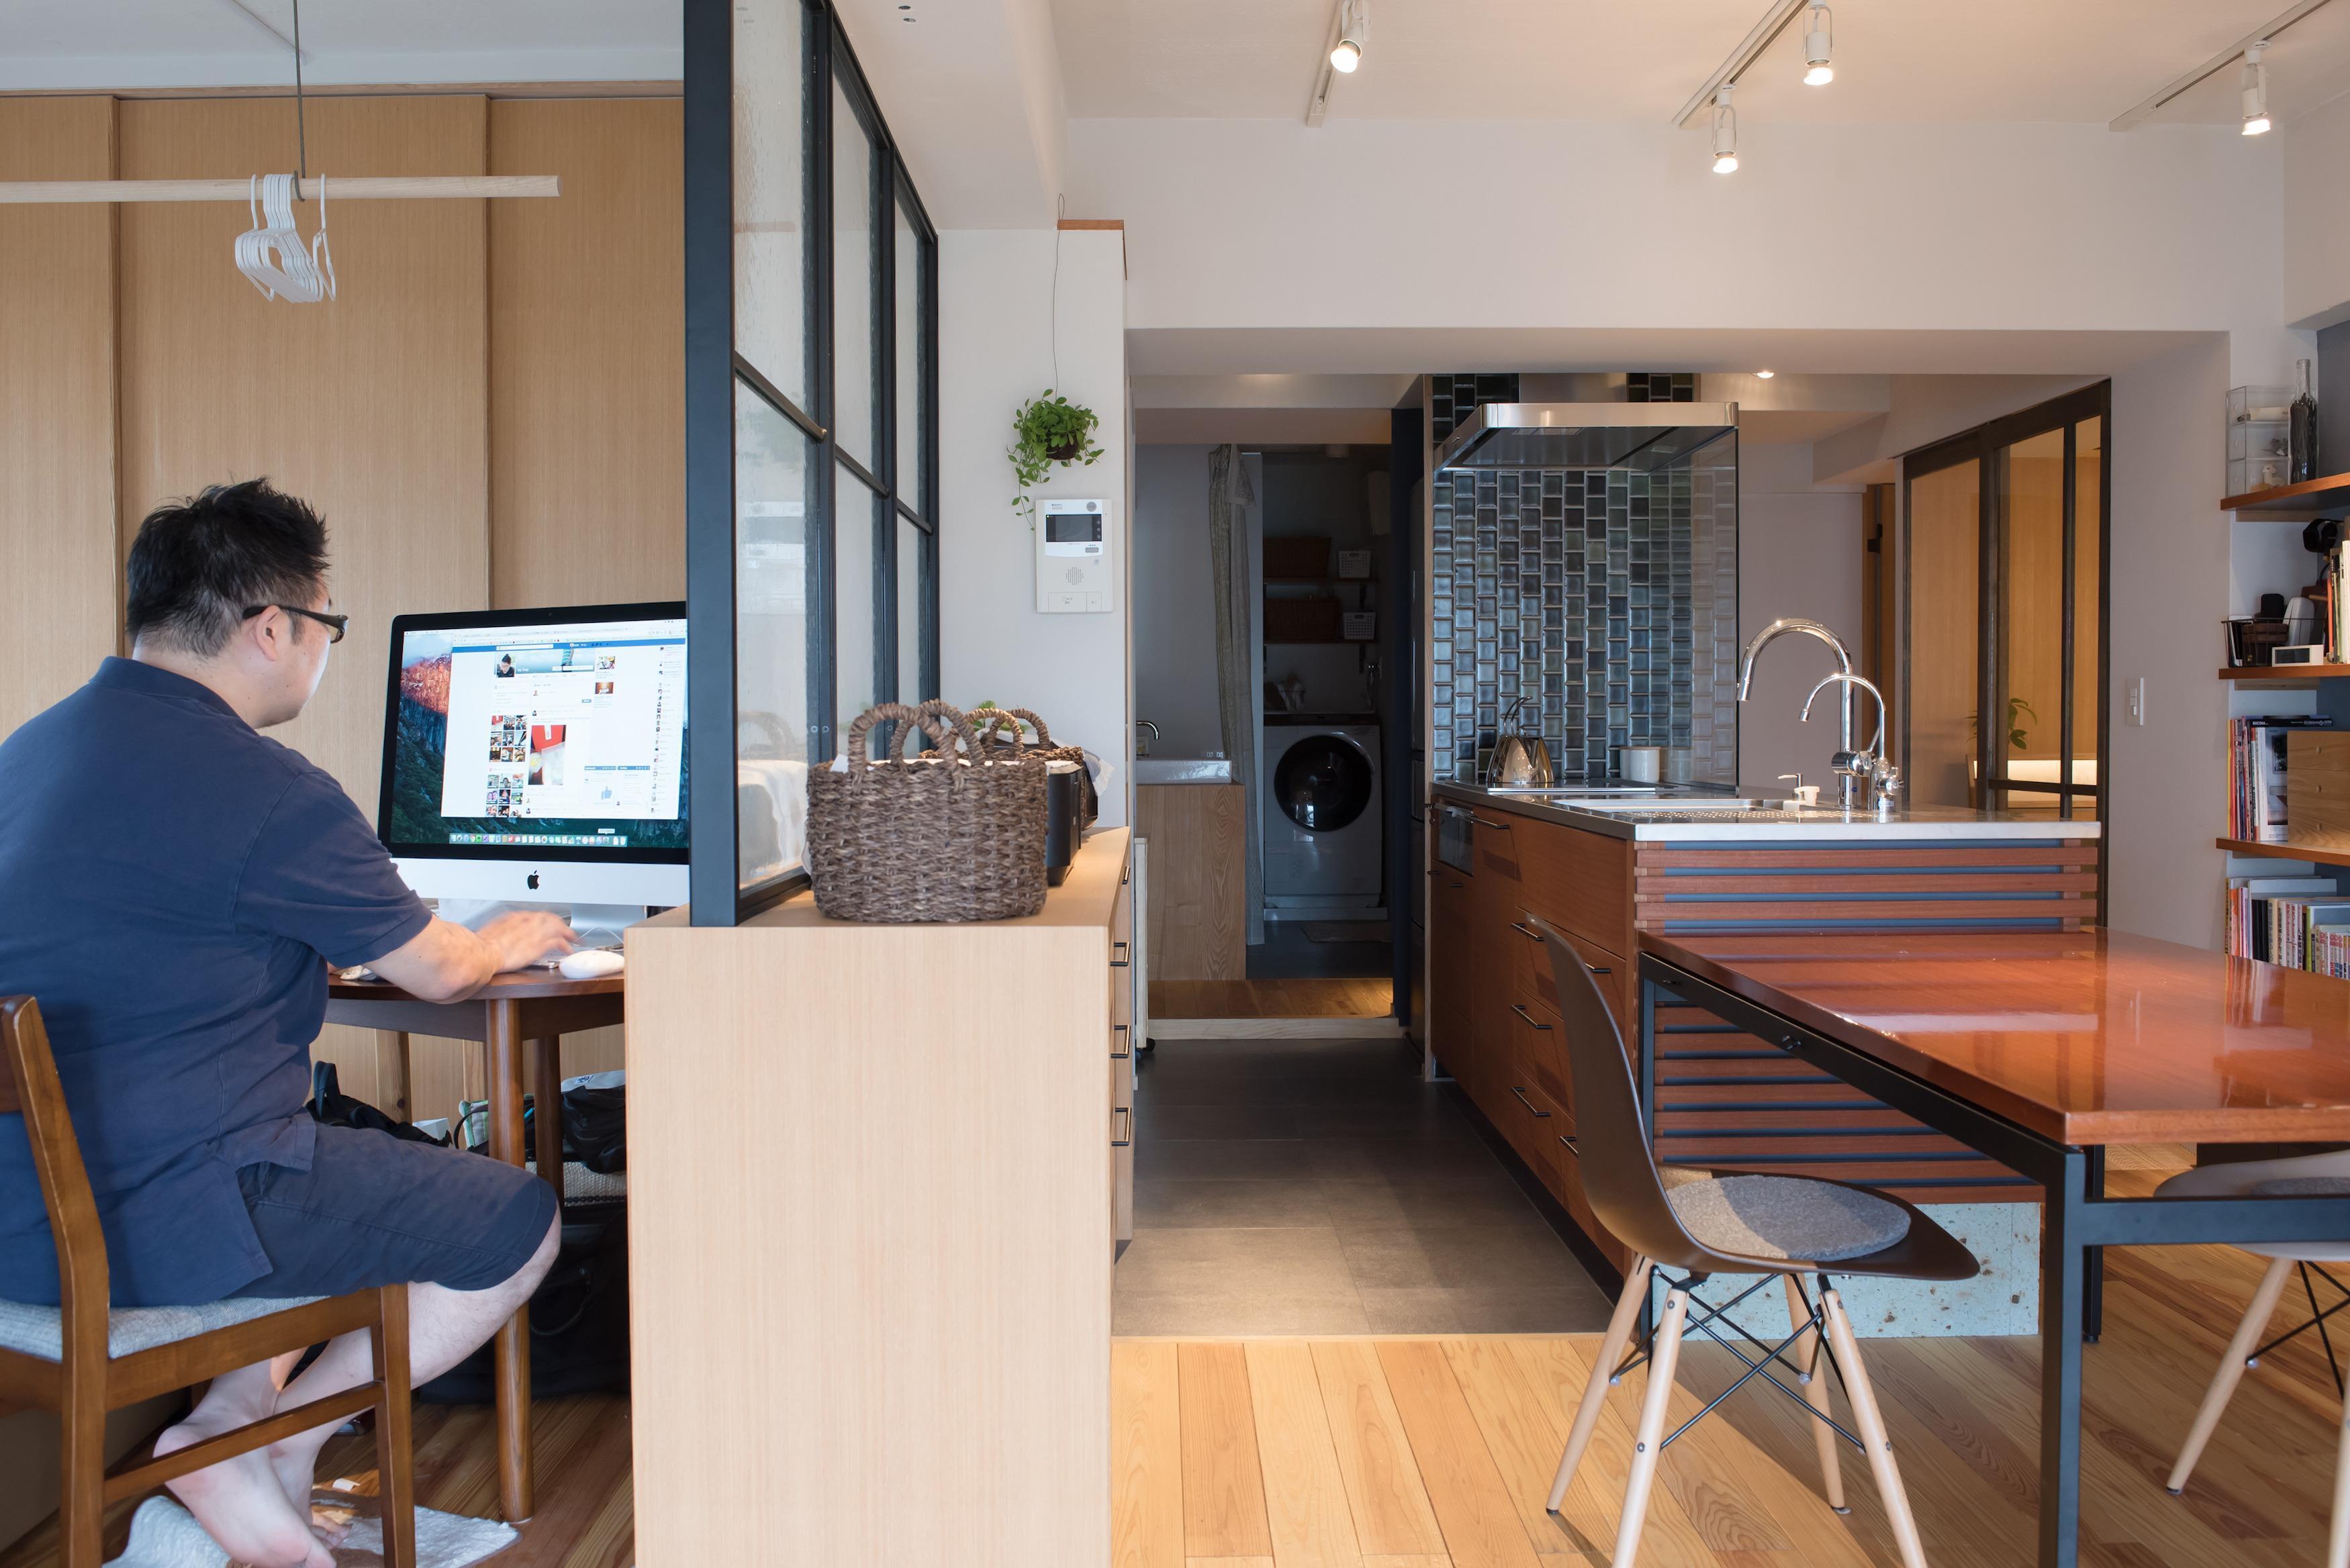 リビング、スタディスペース、書斎、リノベーション、マンションリノベーション、ハンズデザイン一級建築士事務所